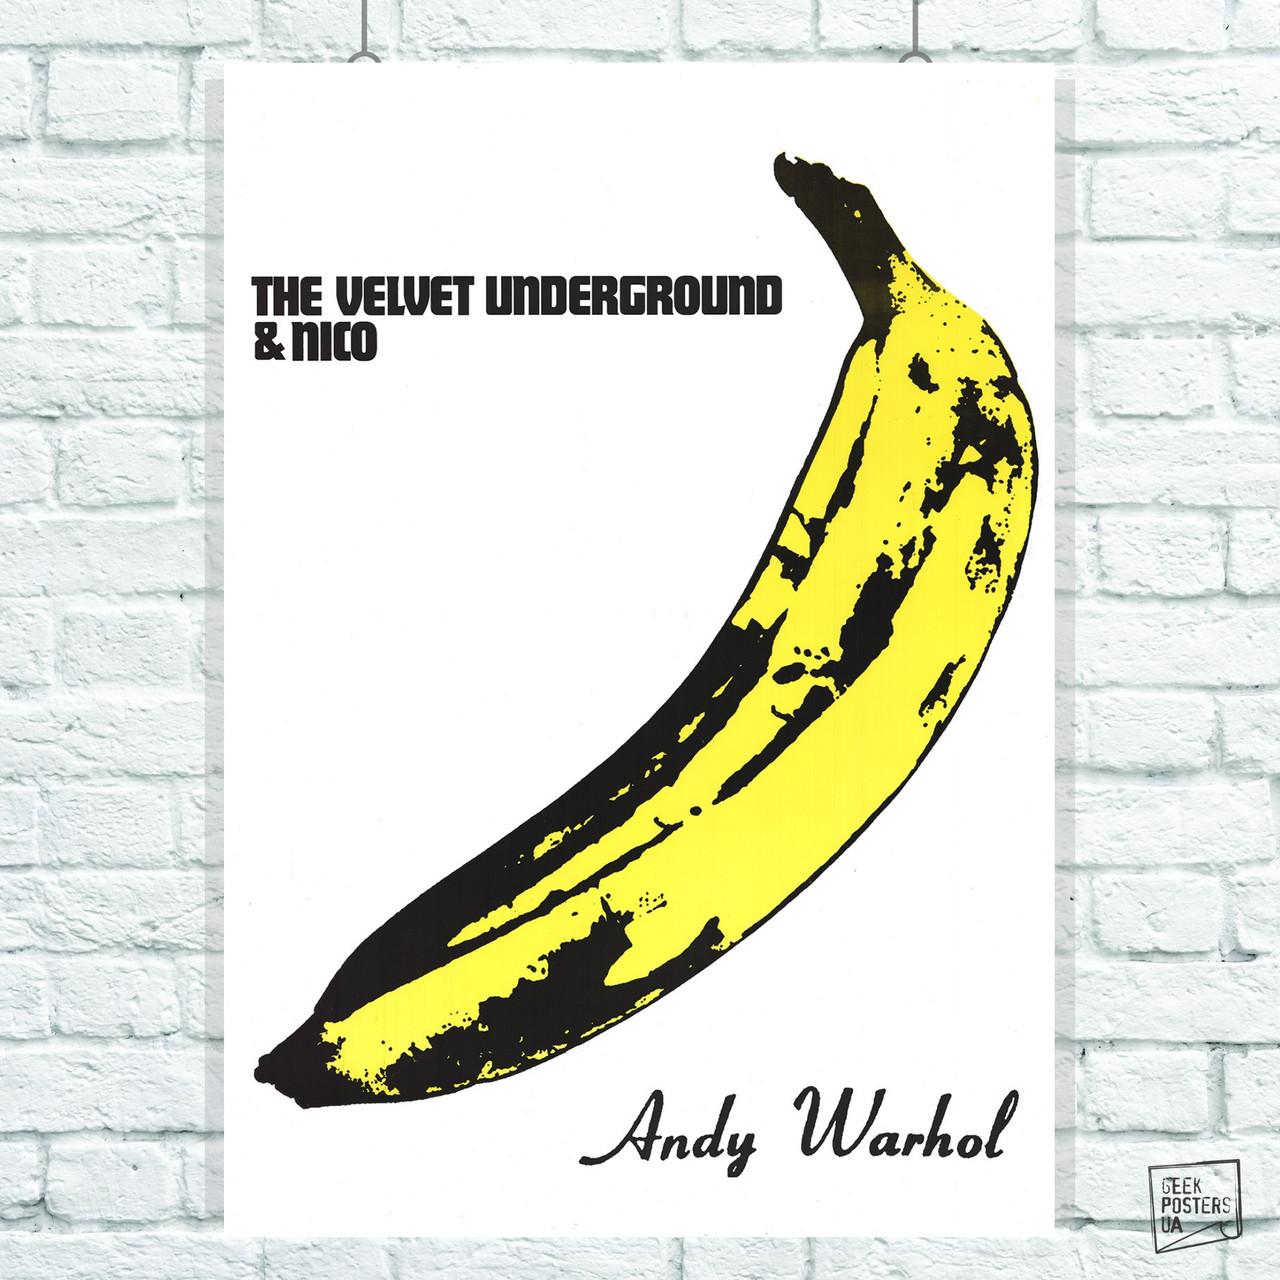 Постер The Velvet Underground. Размер 60x43см (A2). Глянцевая бумага